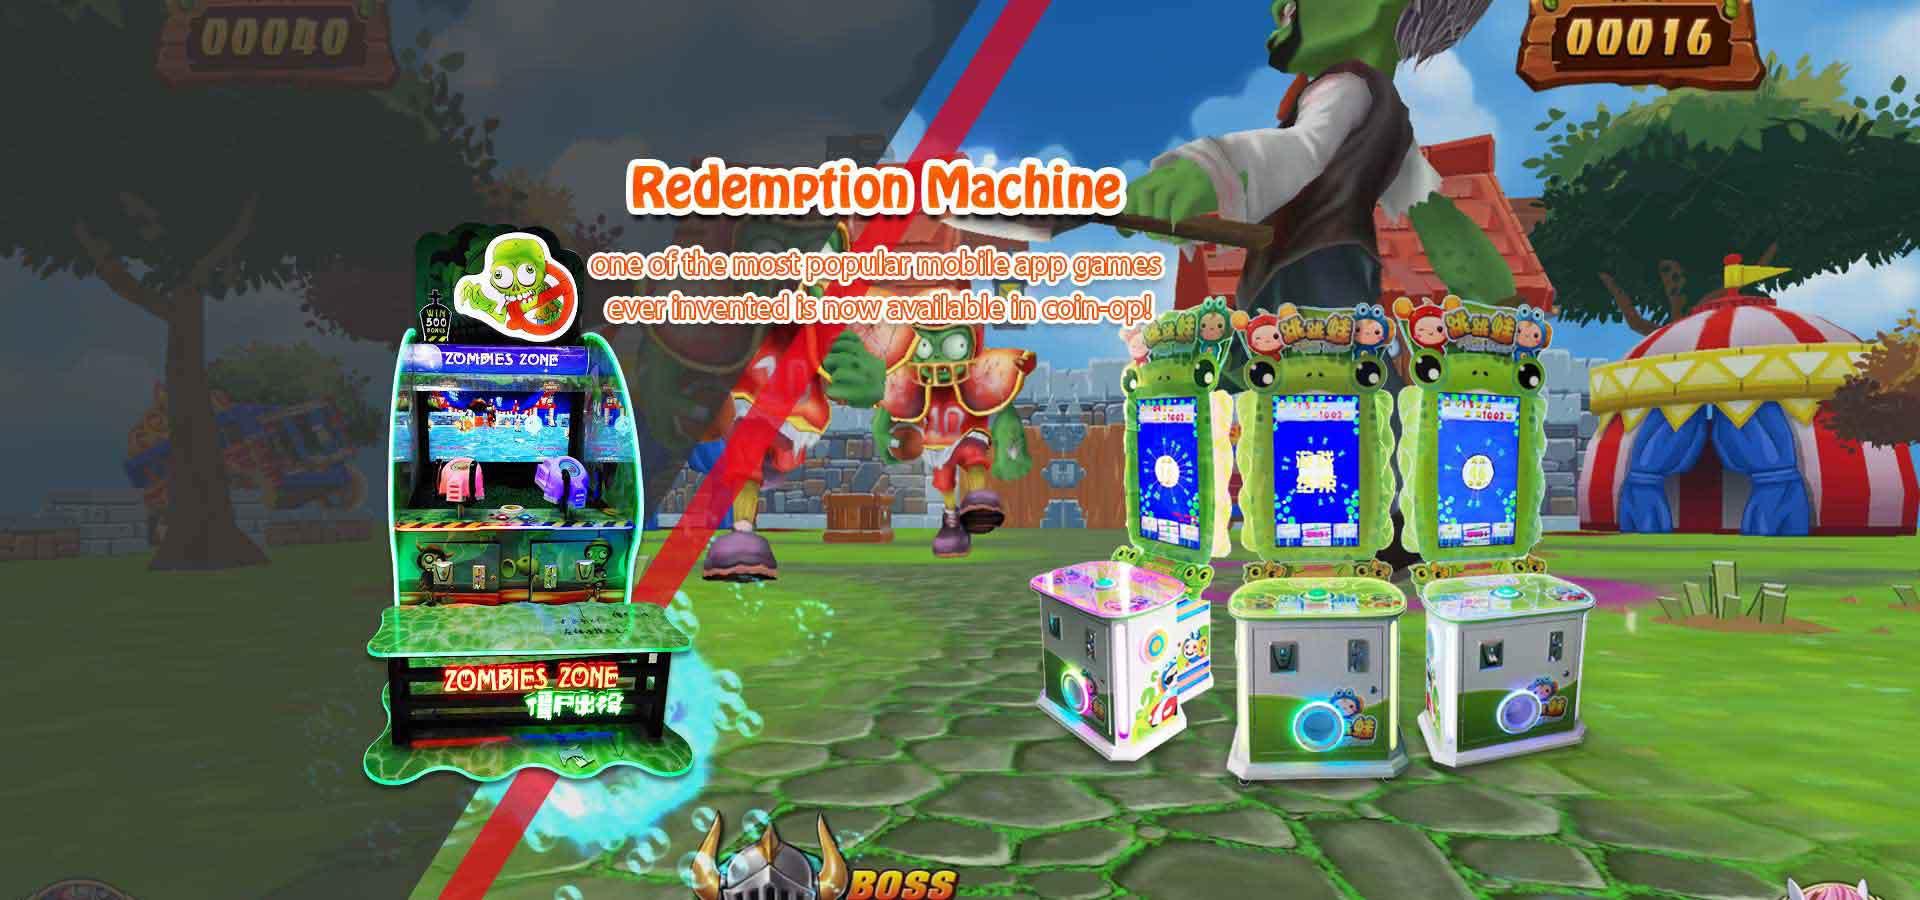 Redemption Machine